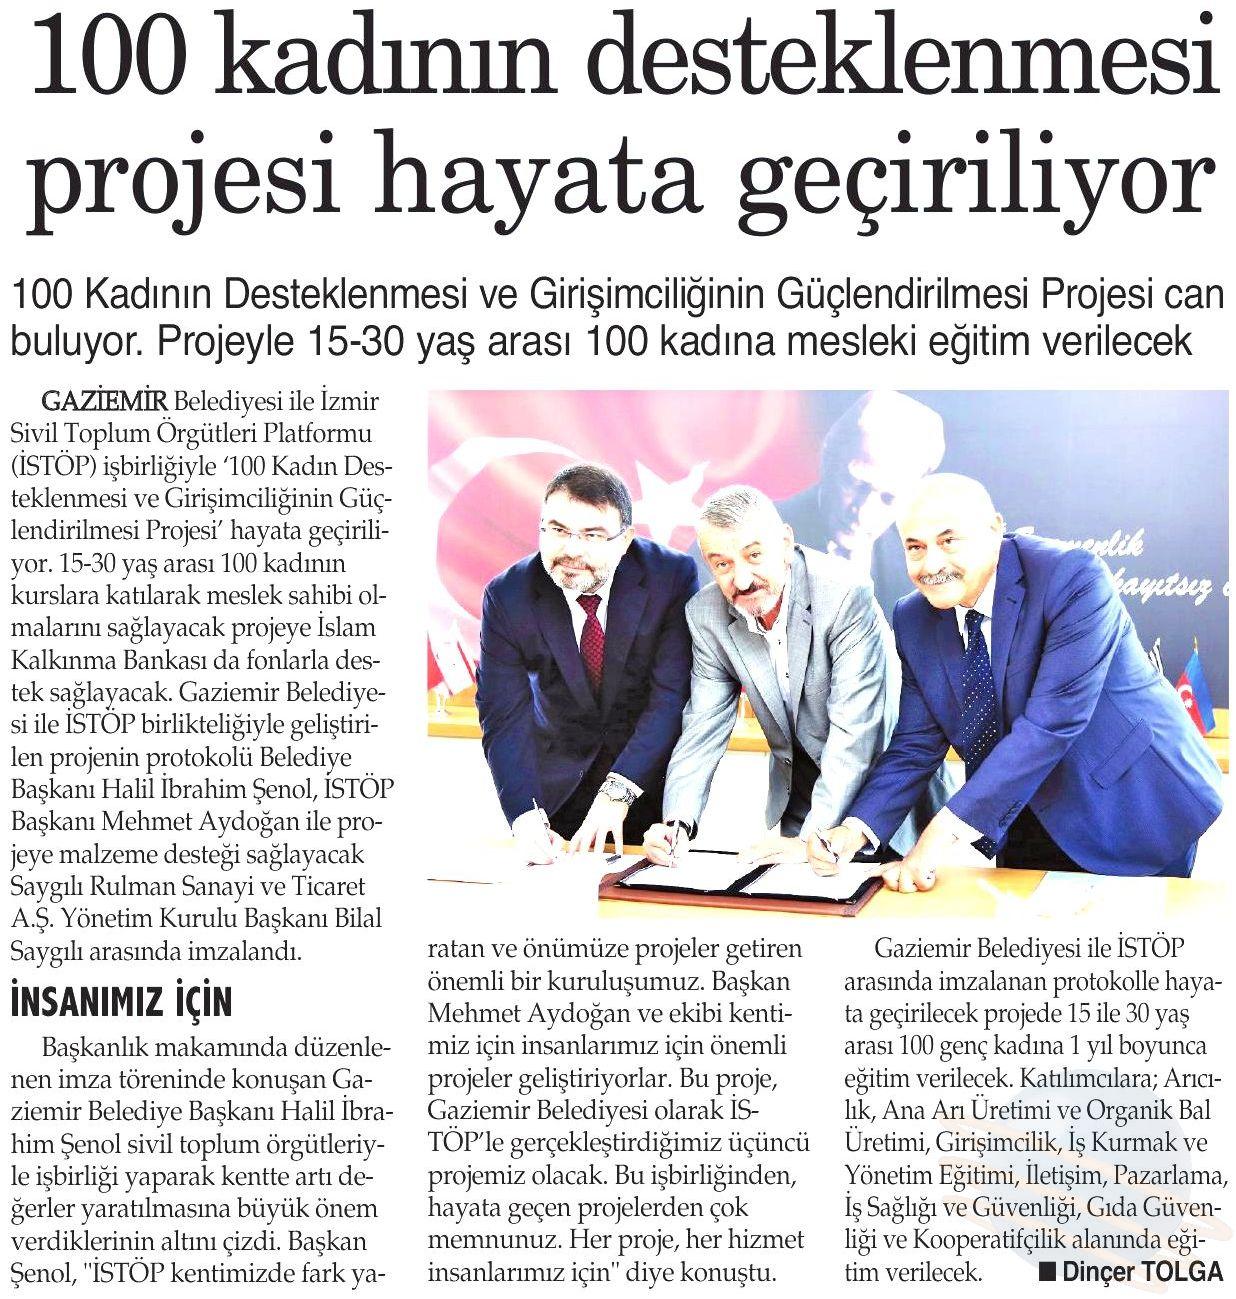 100 KADININ DESTEKLENMESİ PROJESİ HAYATA GEÇİRİLİYOR